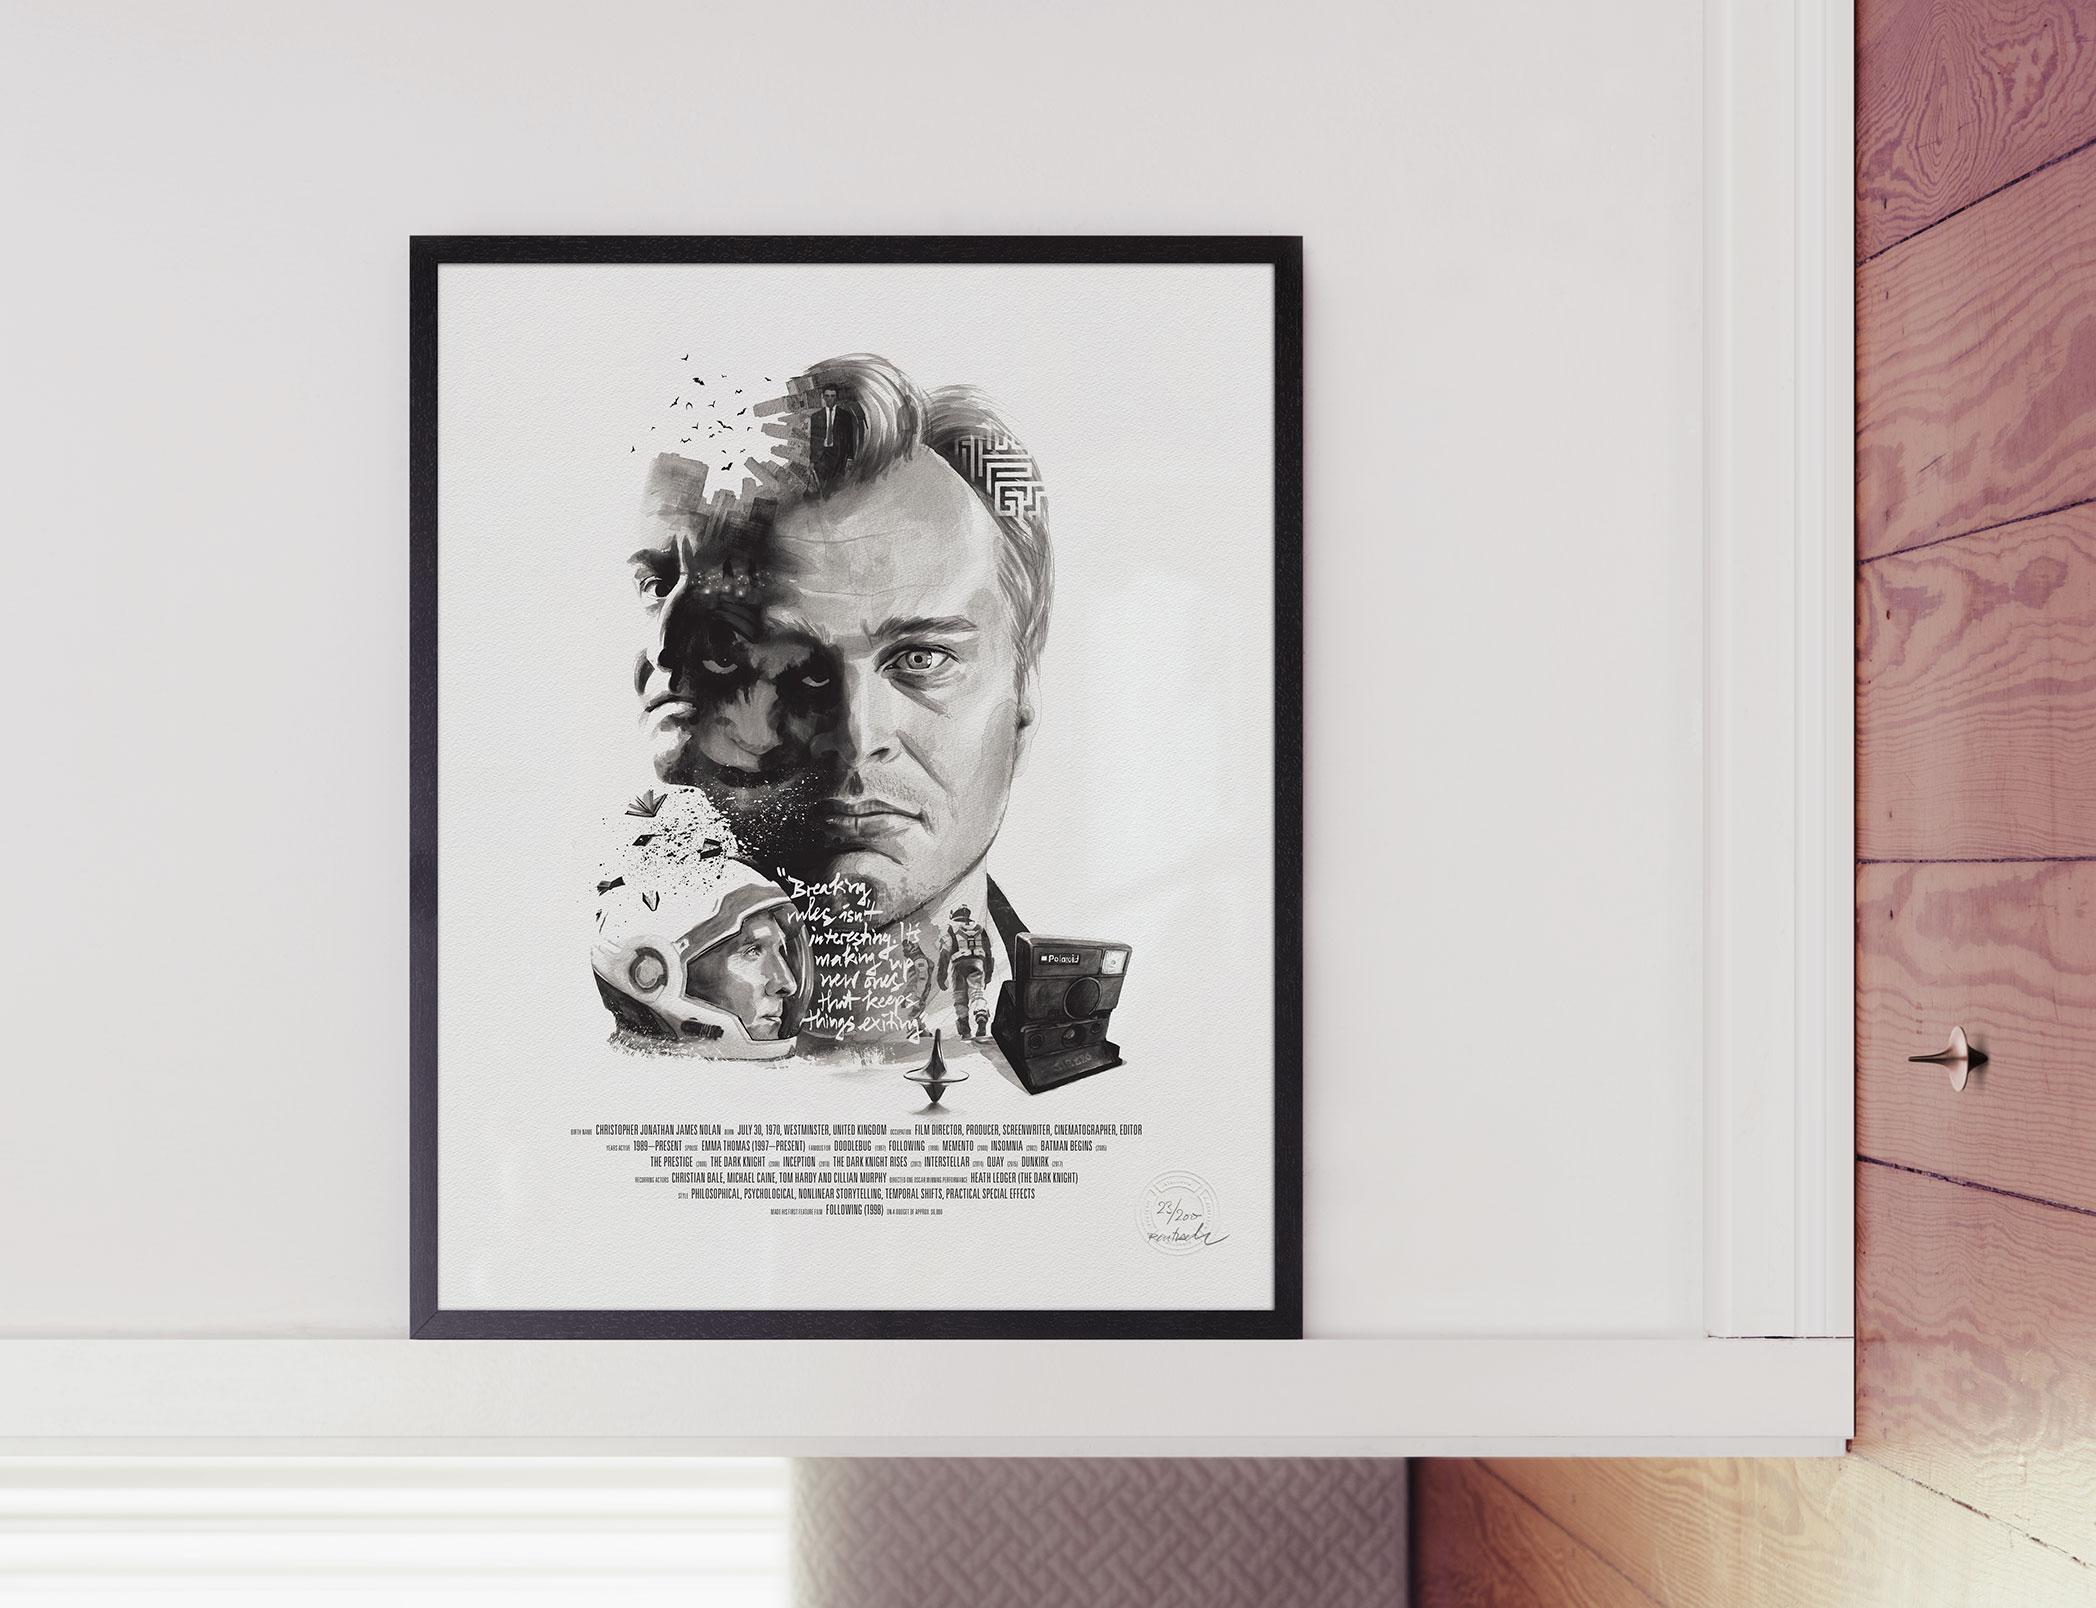 stellavie-rentzsch-movie-director-portrait-prints-christopher-nolan-mood.jpg